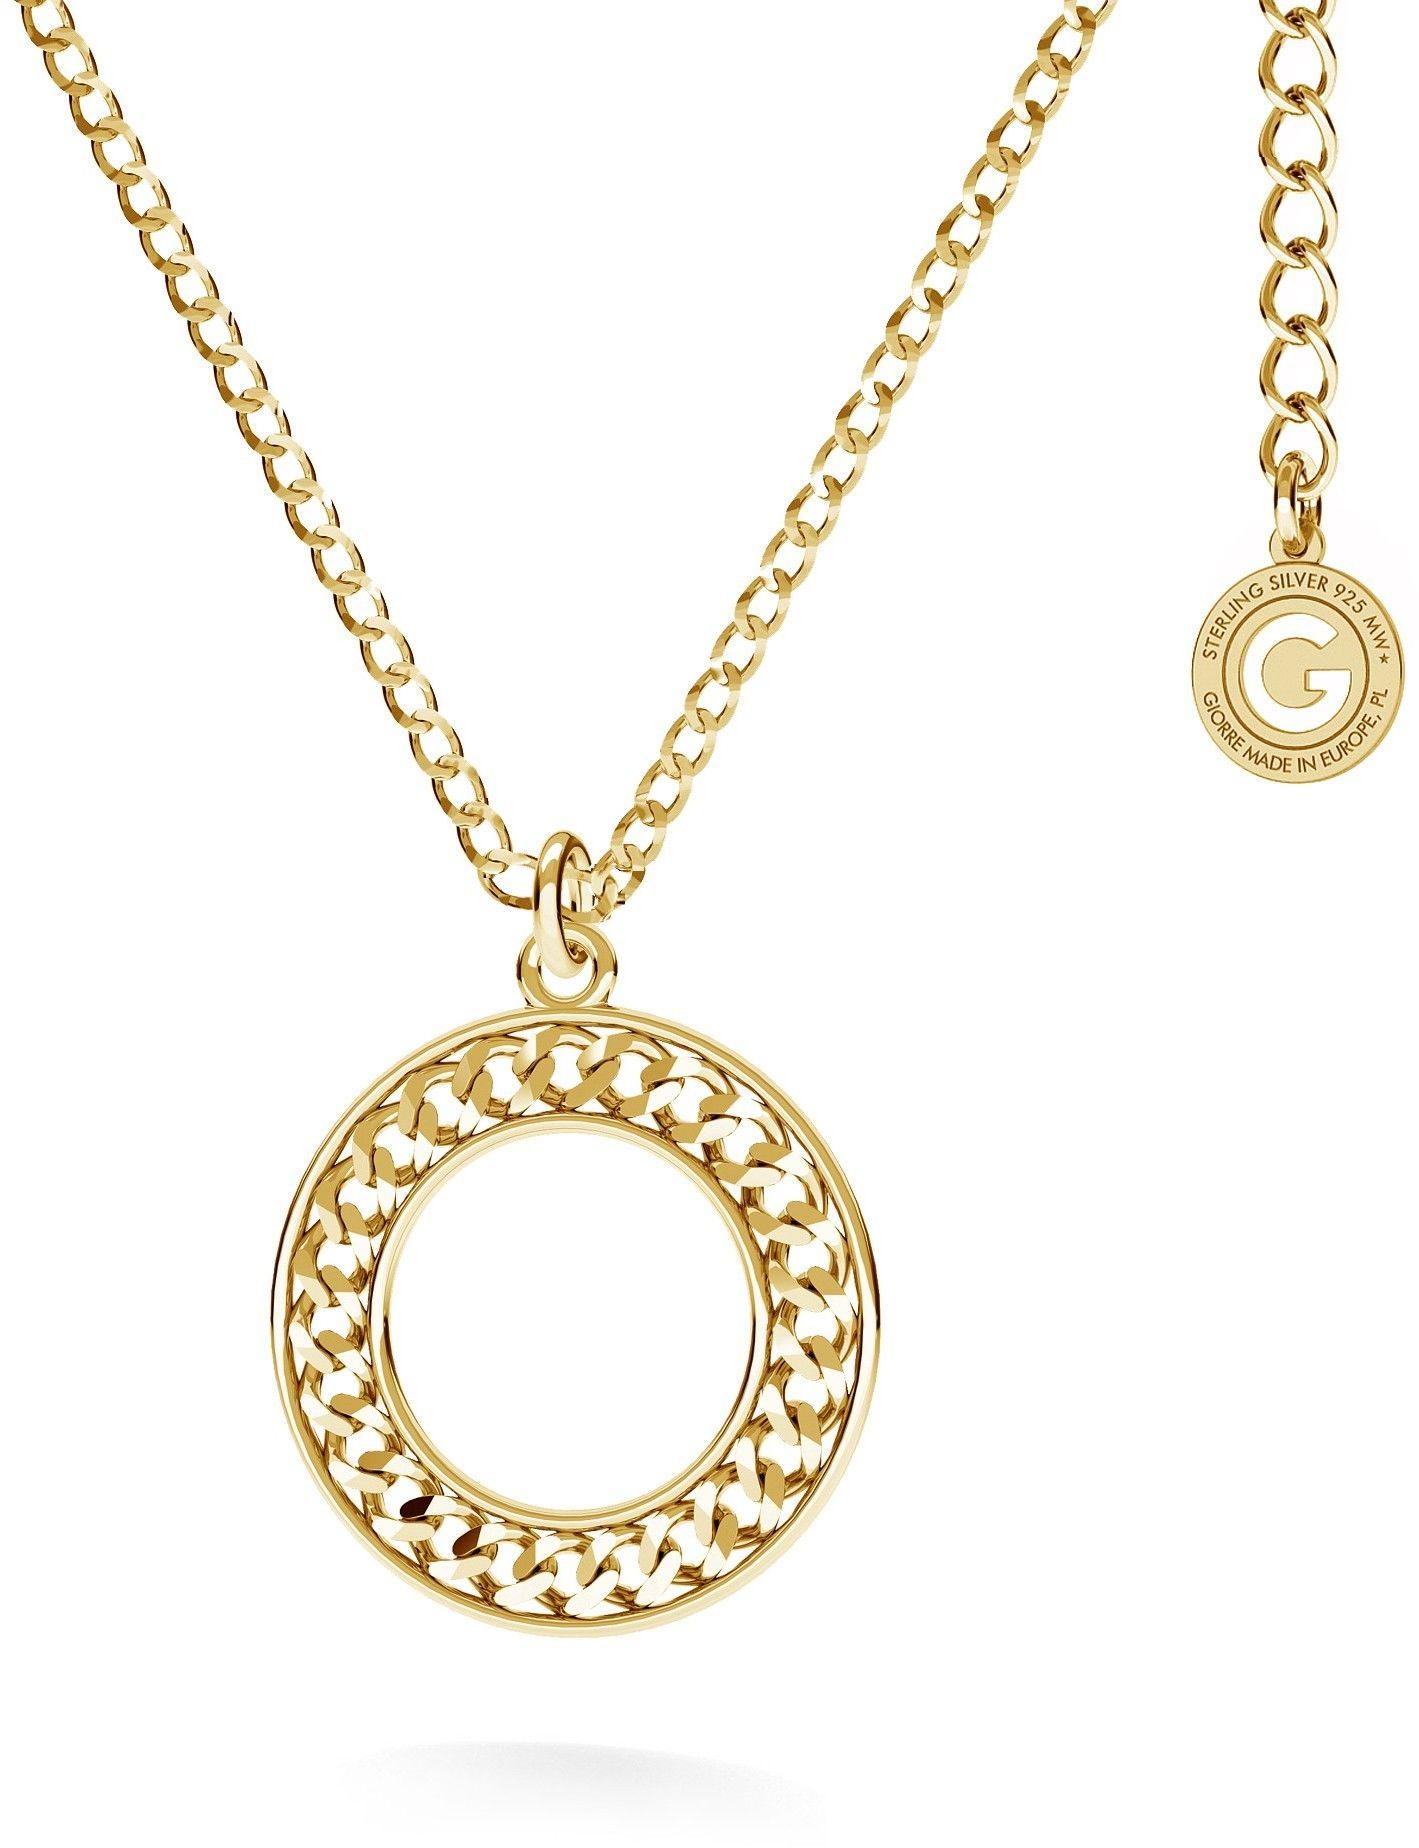 Srebrny naszyjnik z okrągłą zawieszką pancerka, AG 925 : Długość (cm) - 45 + 5, Srebro - kolor pokrycia - Pokrycie żółtym 18K złotem